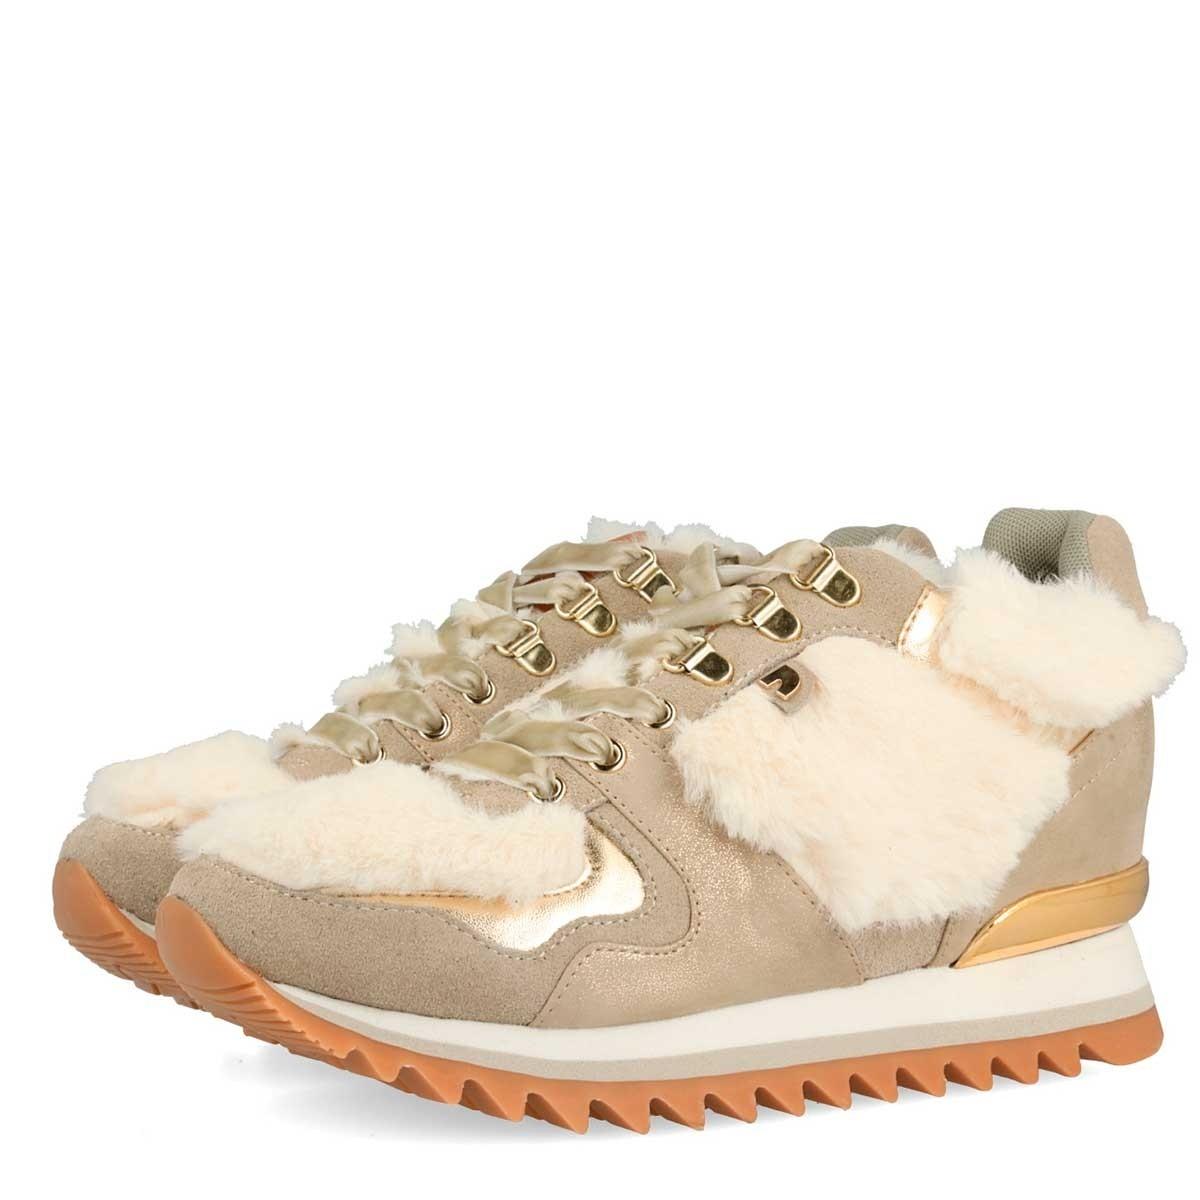 Sneakers de Elsa Pataki para Mujer